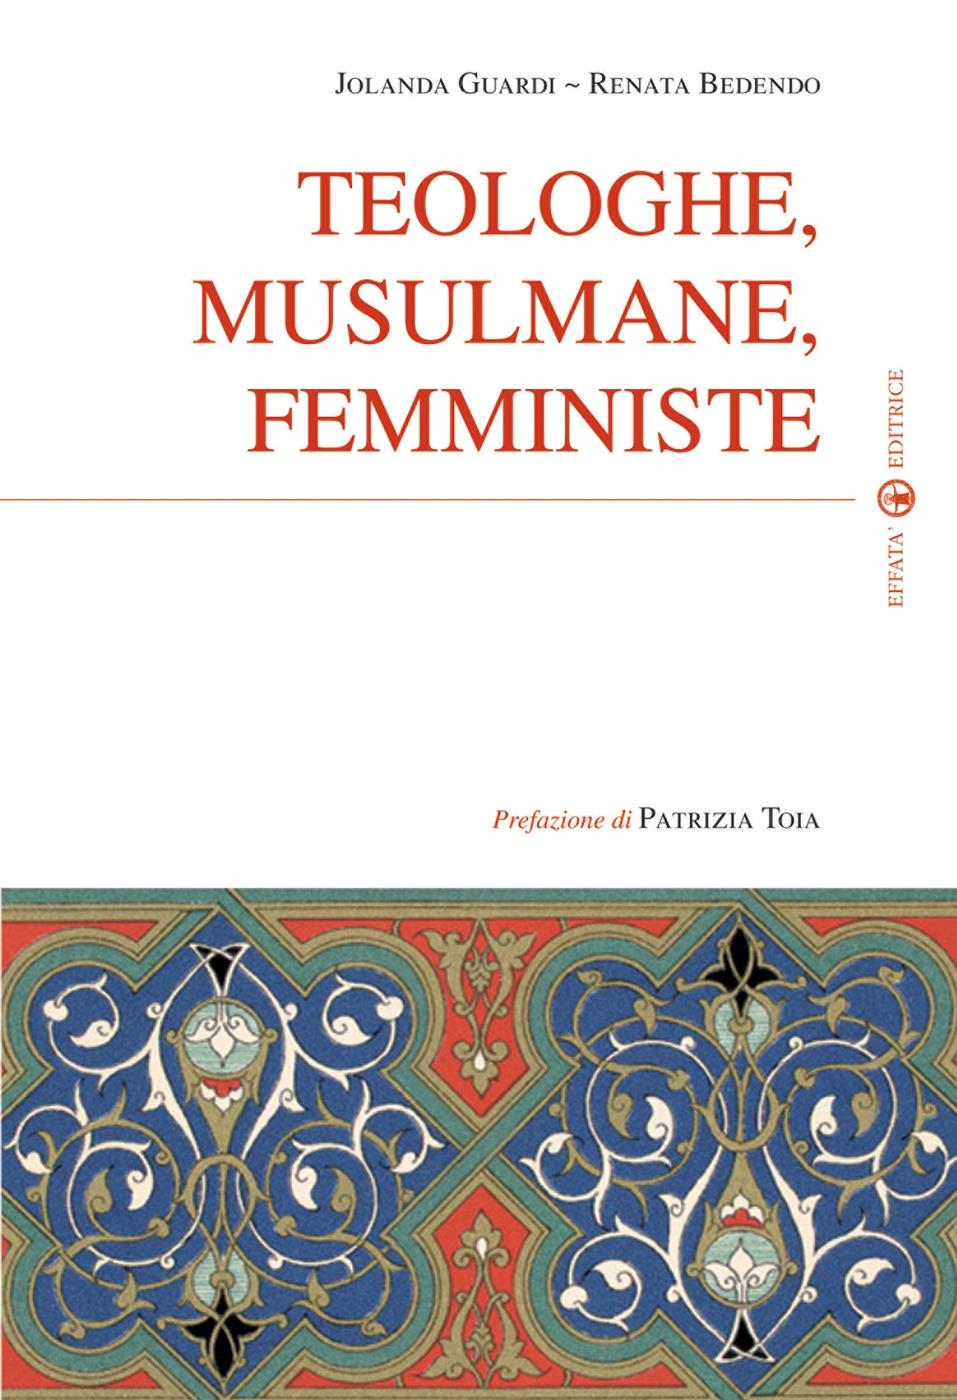 https://editrice.effata.it/wp-content/uploads/Teologhe-musulmane-femministe.jpg